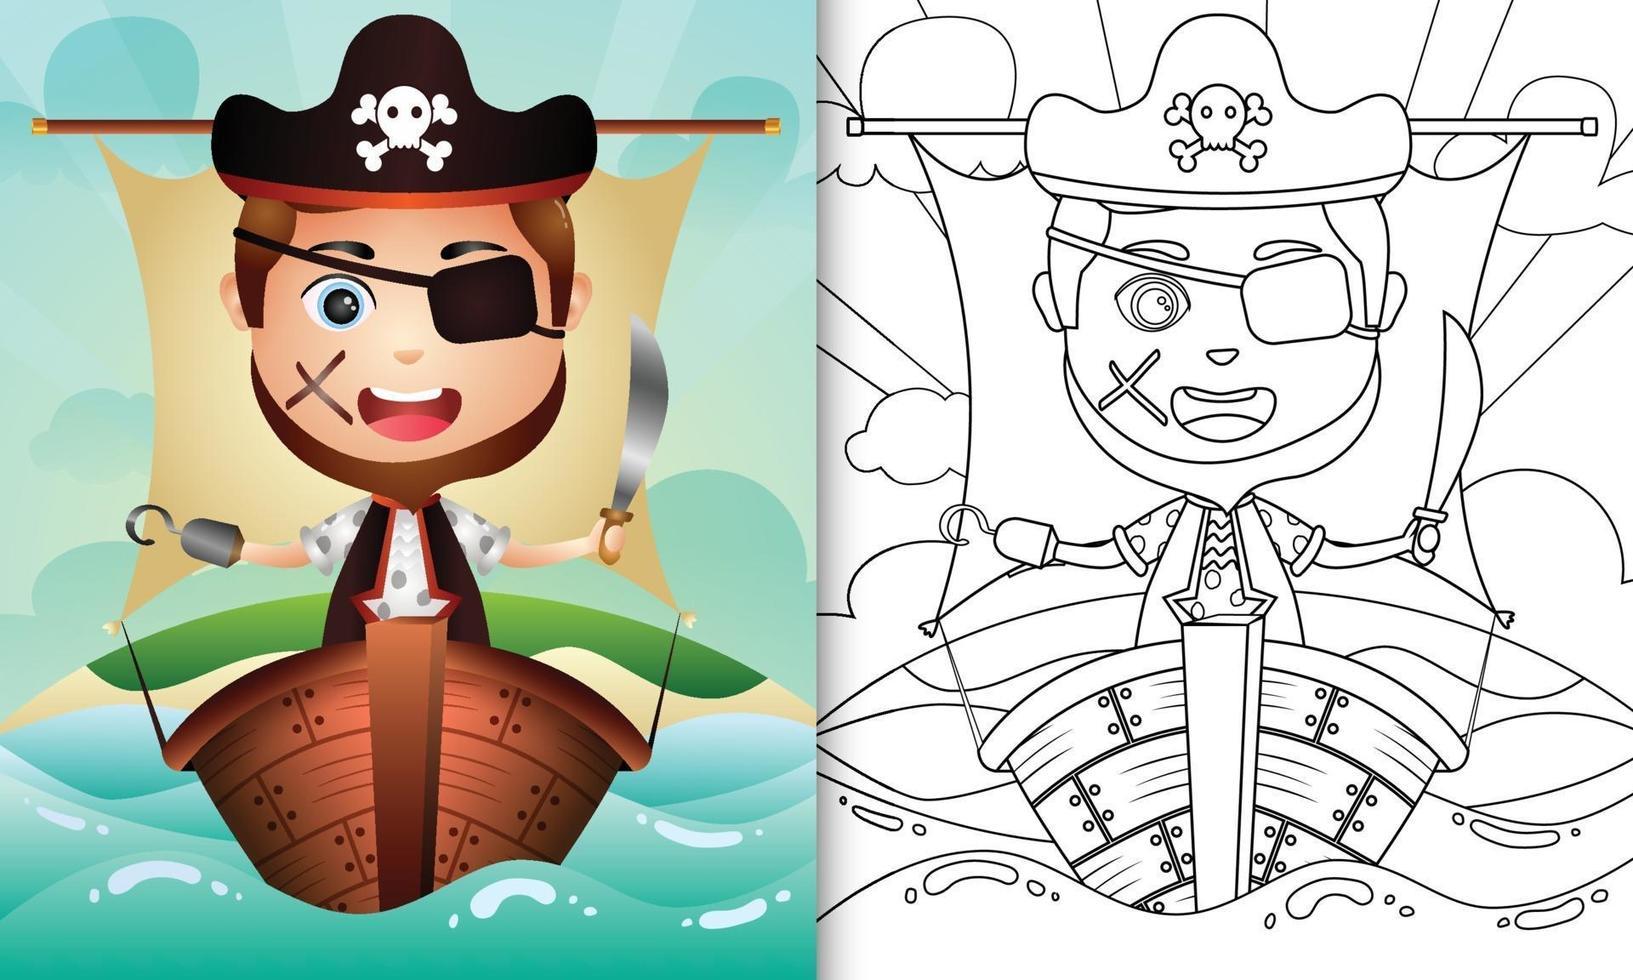 libro da colorare per bambini con un simpatico personaggio pirata illustrazione vettore